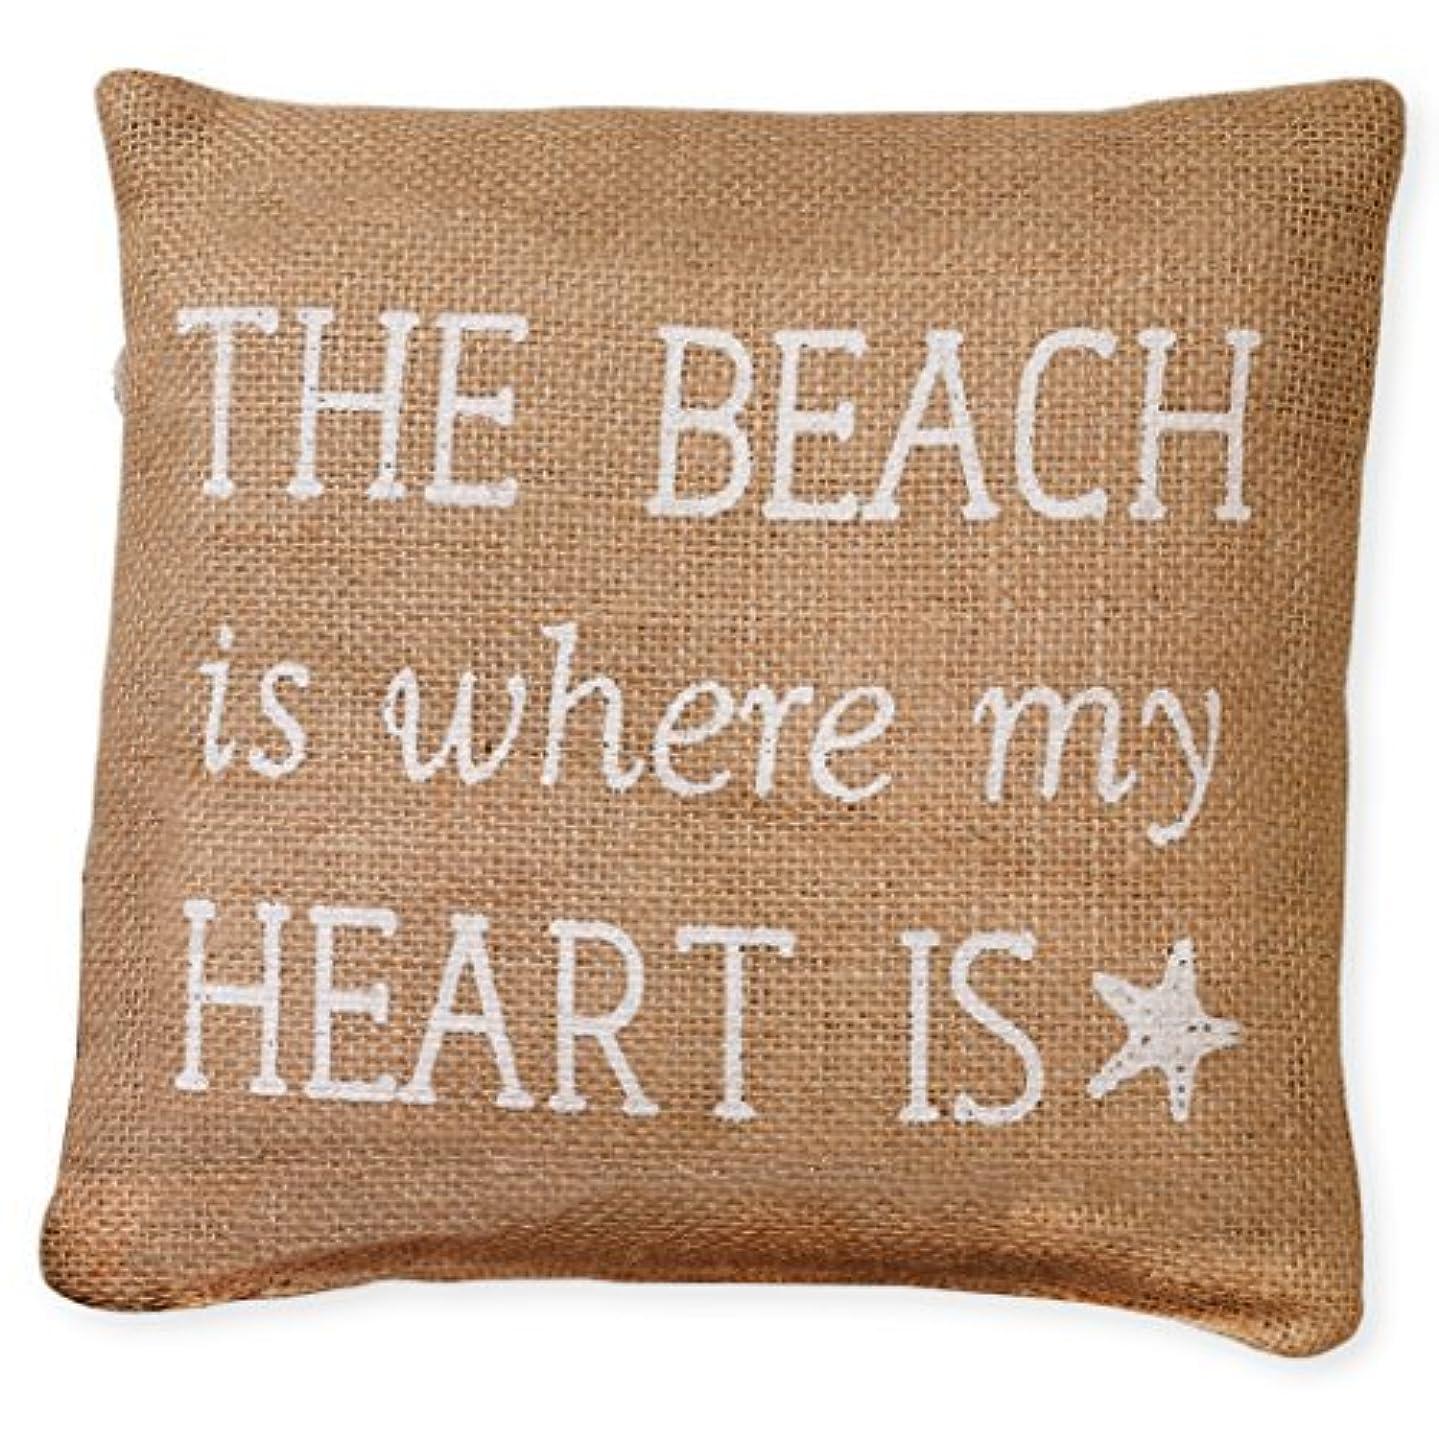 印象ピストン可能にするSmall White The Beach is Where My Heart Is 8 x 8 Burlap Decorative Throw Pillow [並行輸入品]